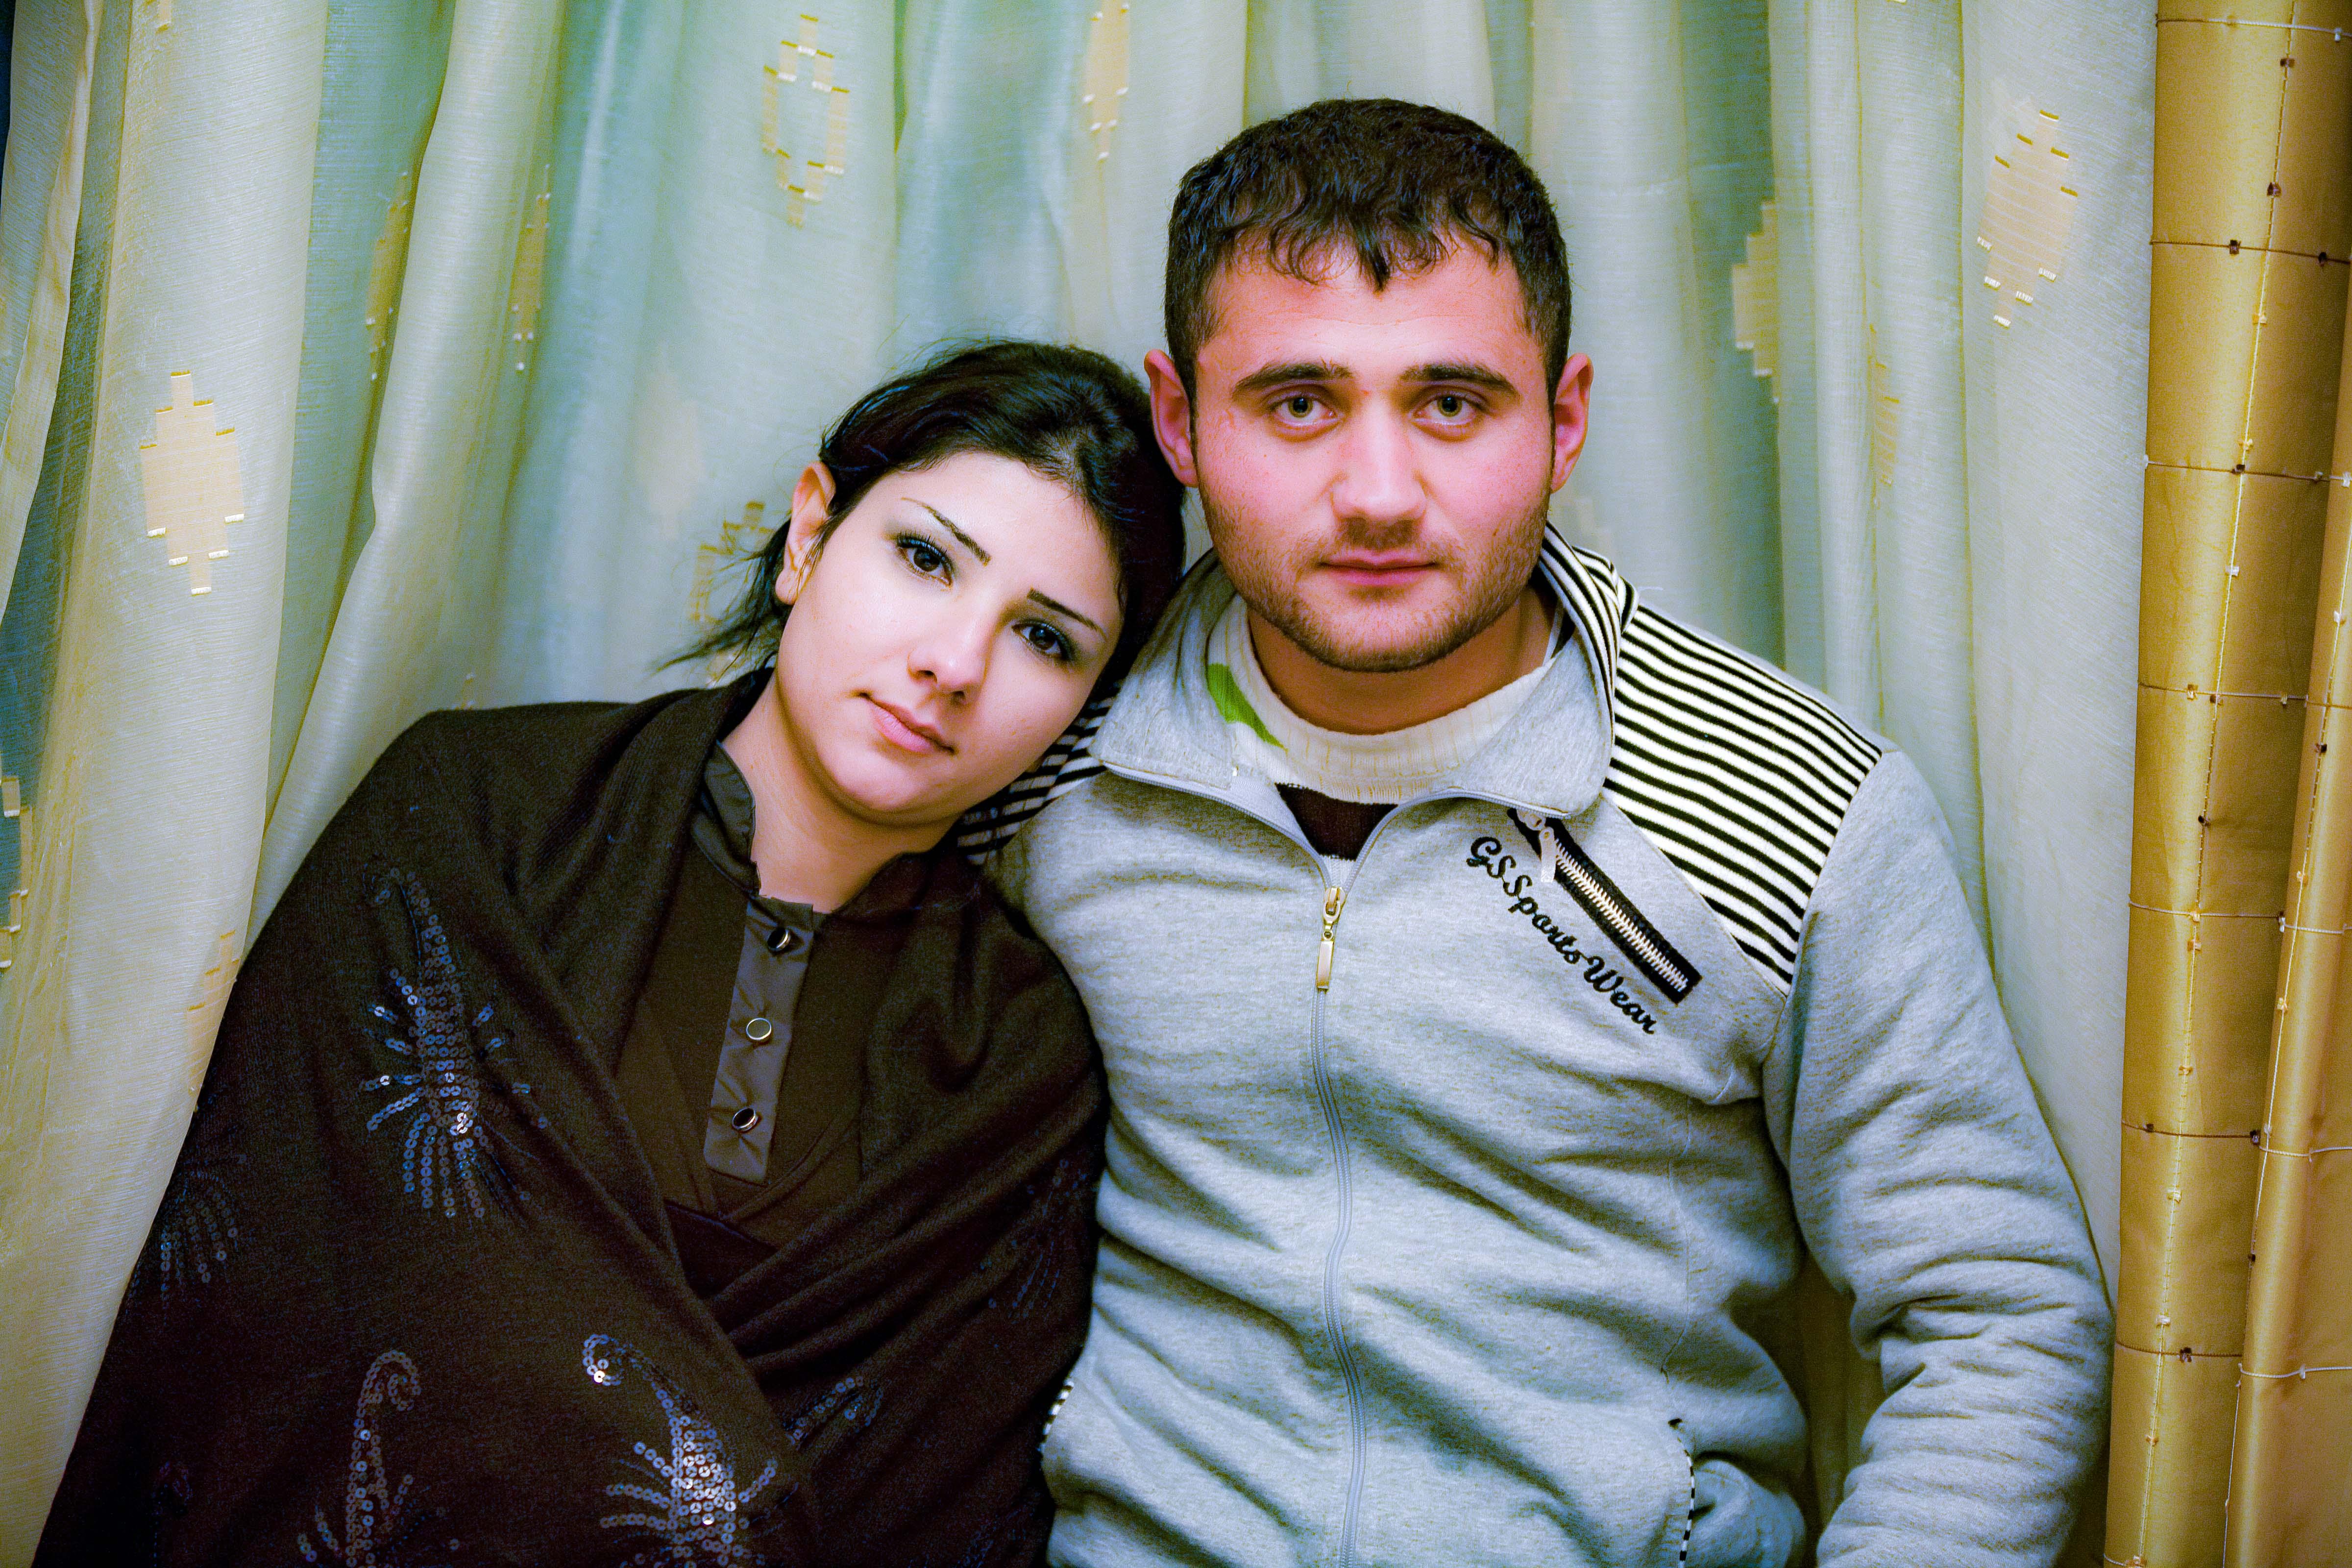 Azerbaijan, Gadabay Prov, Shelli va Araz, 2009, IMG 8971